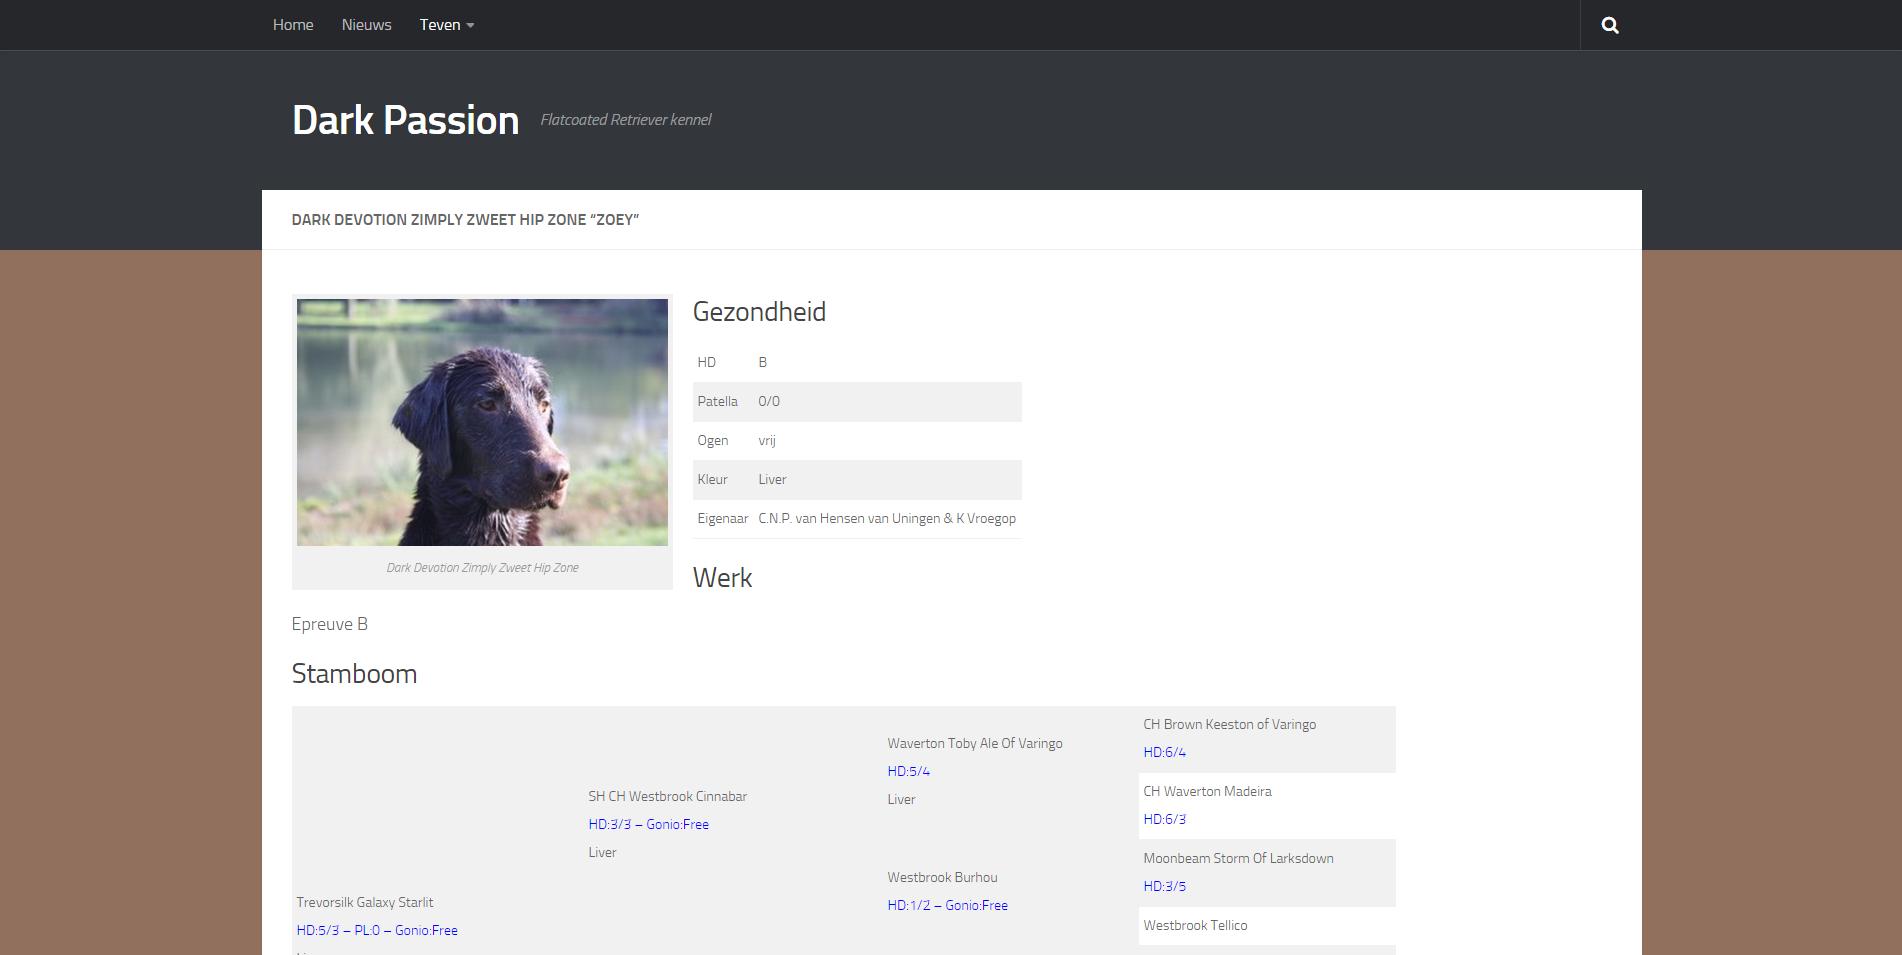 Eerste pagina van de website